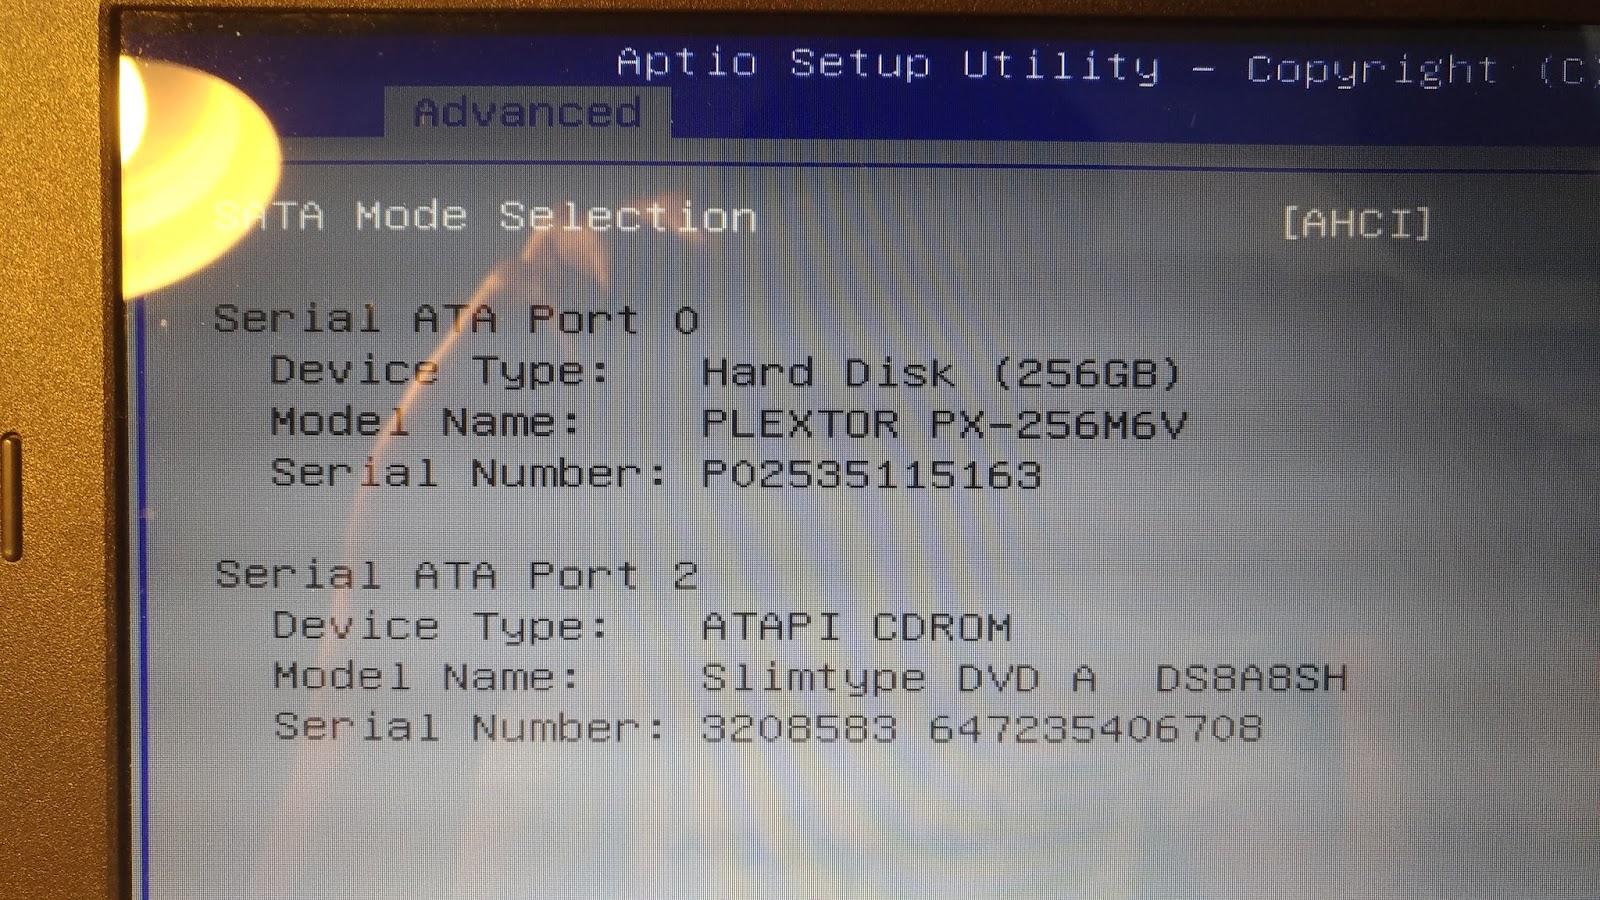 P 20170322 194126 vHDR On - Plextor M6V 256G SSD 開箱評測 & Asus K55VD 拆機升級雙硬碟教學